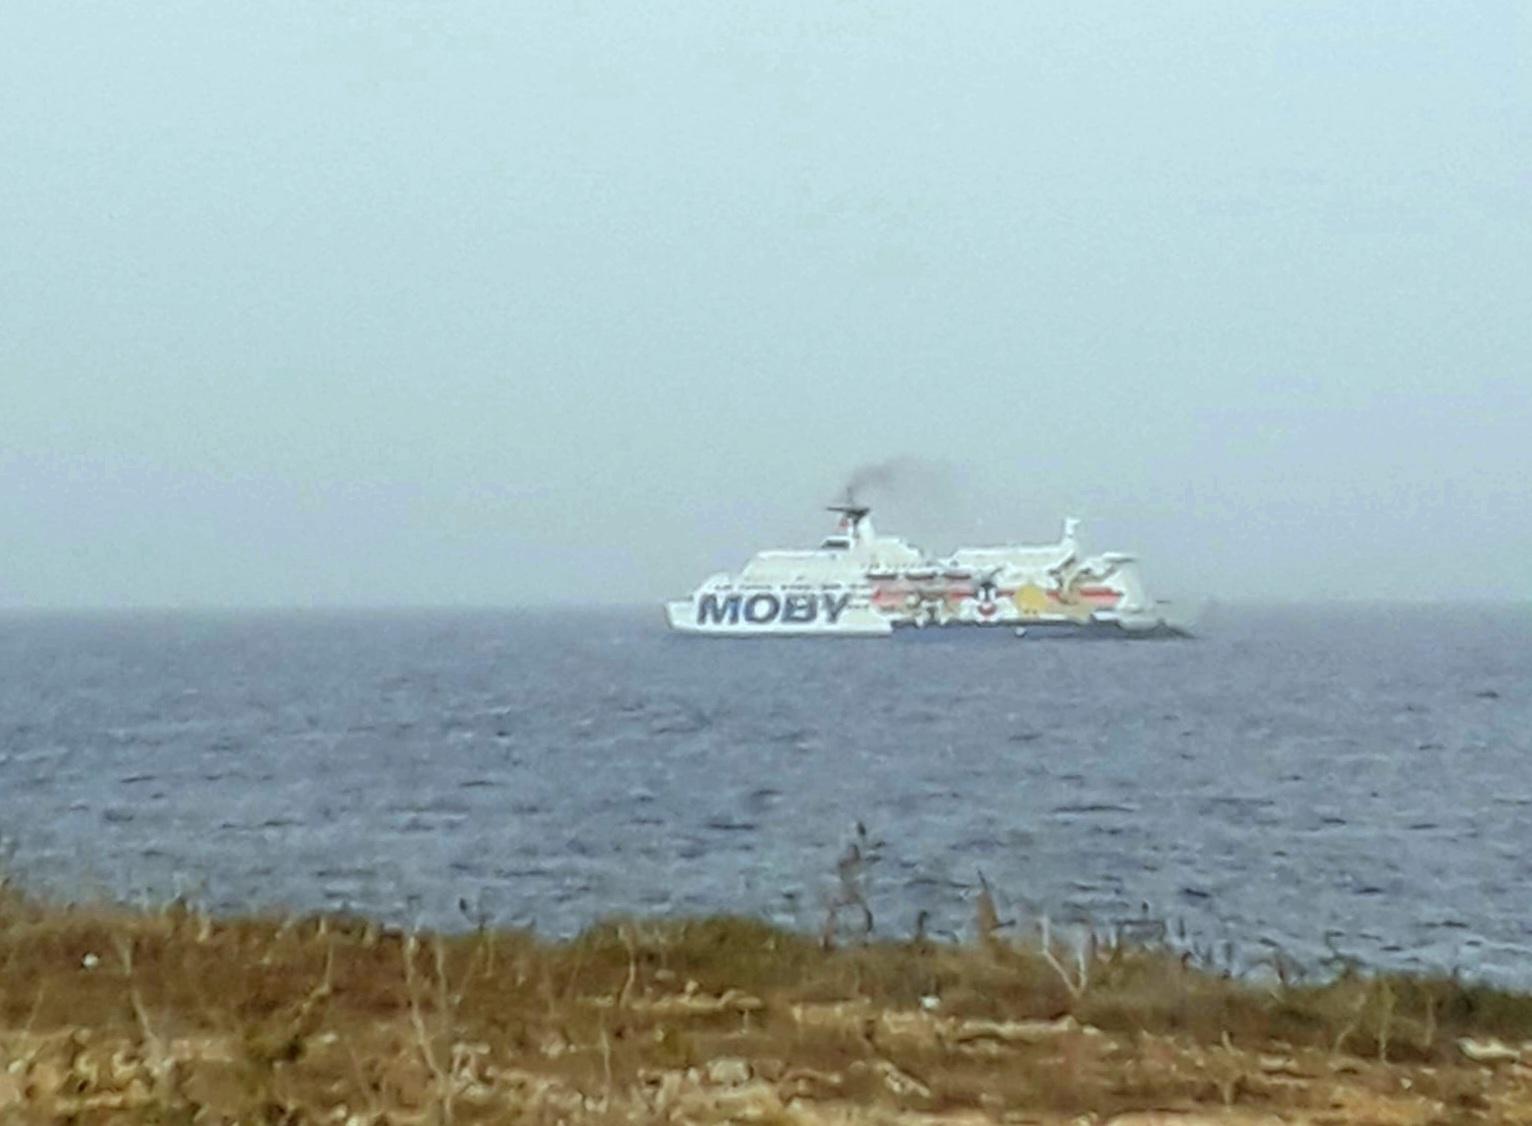 Moby Zazà, secondo tampone Per i migranti a bordo della nave